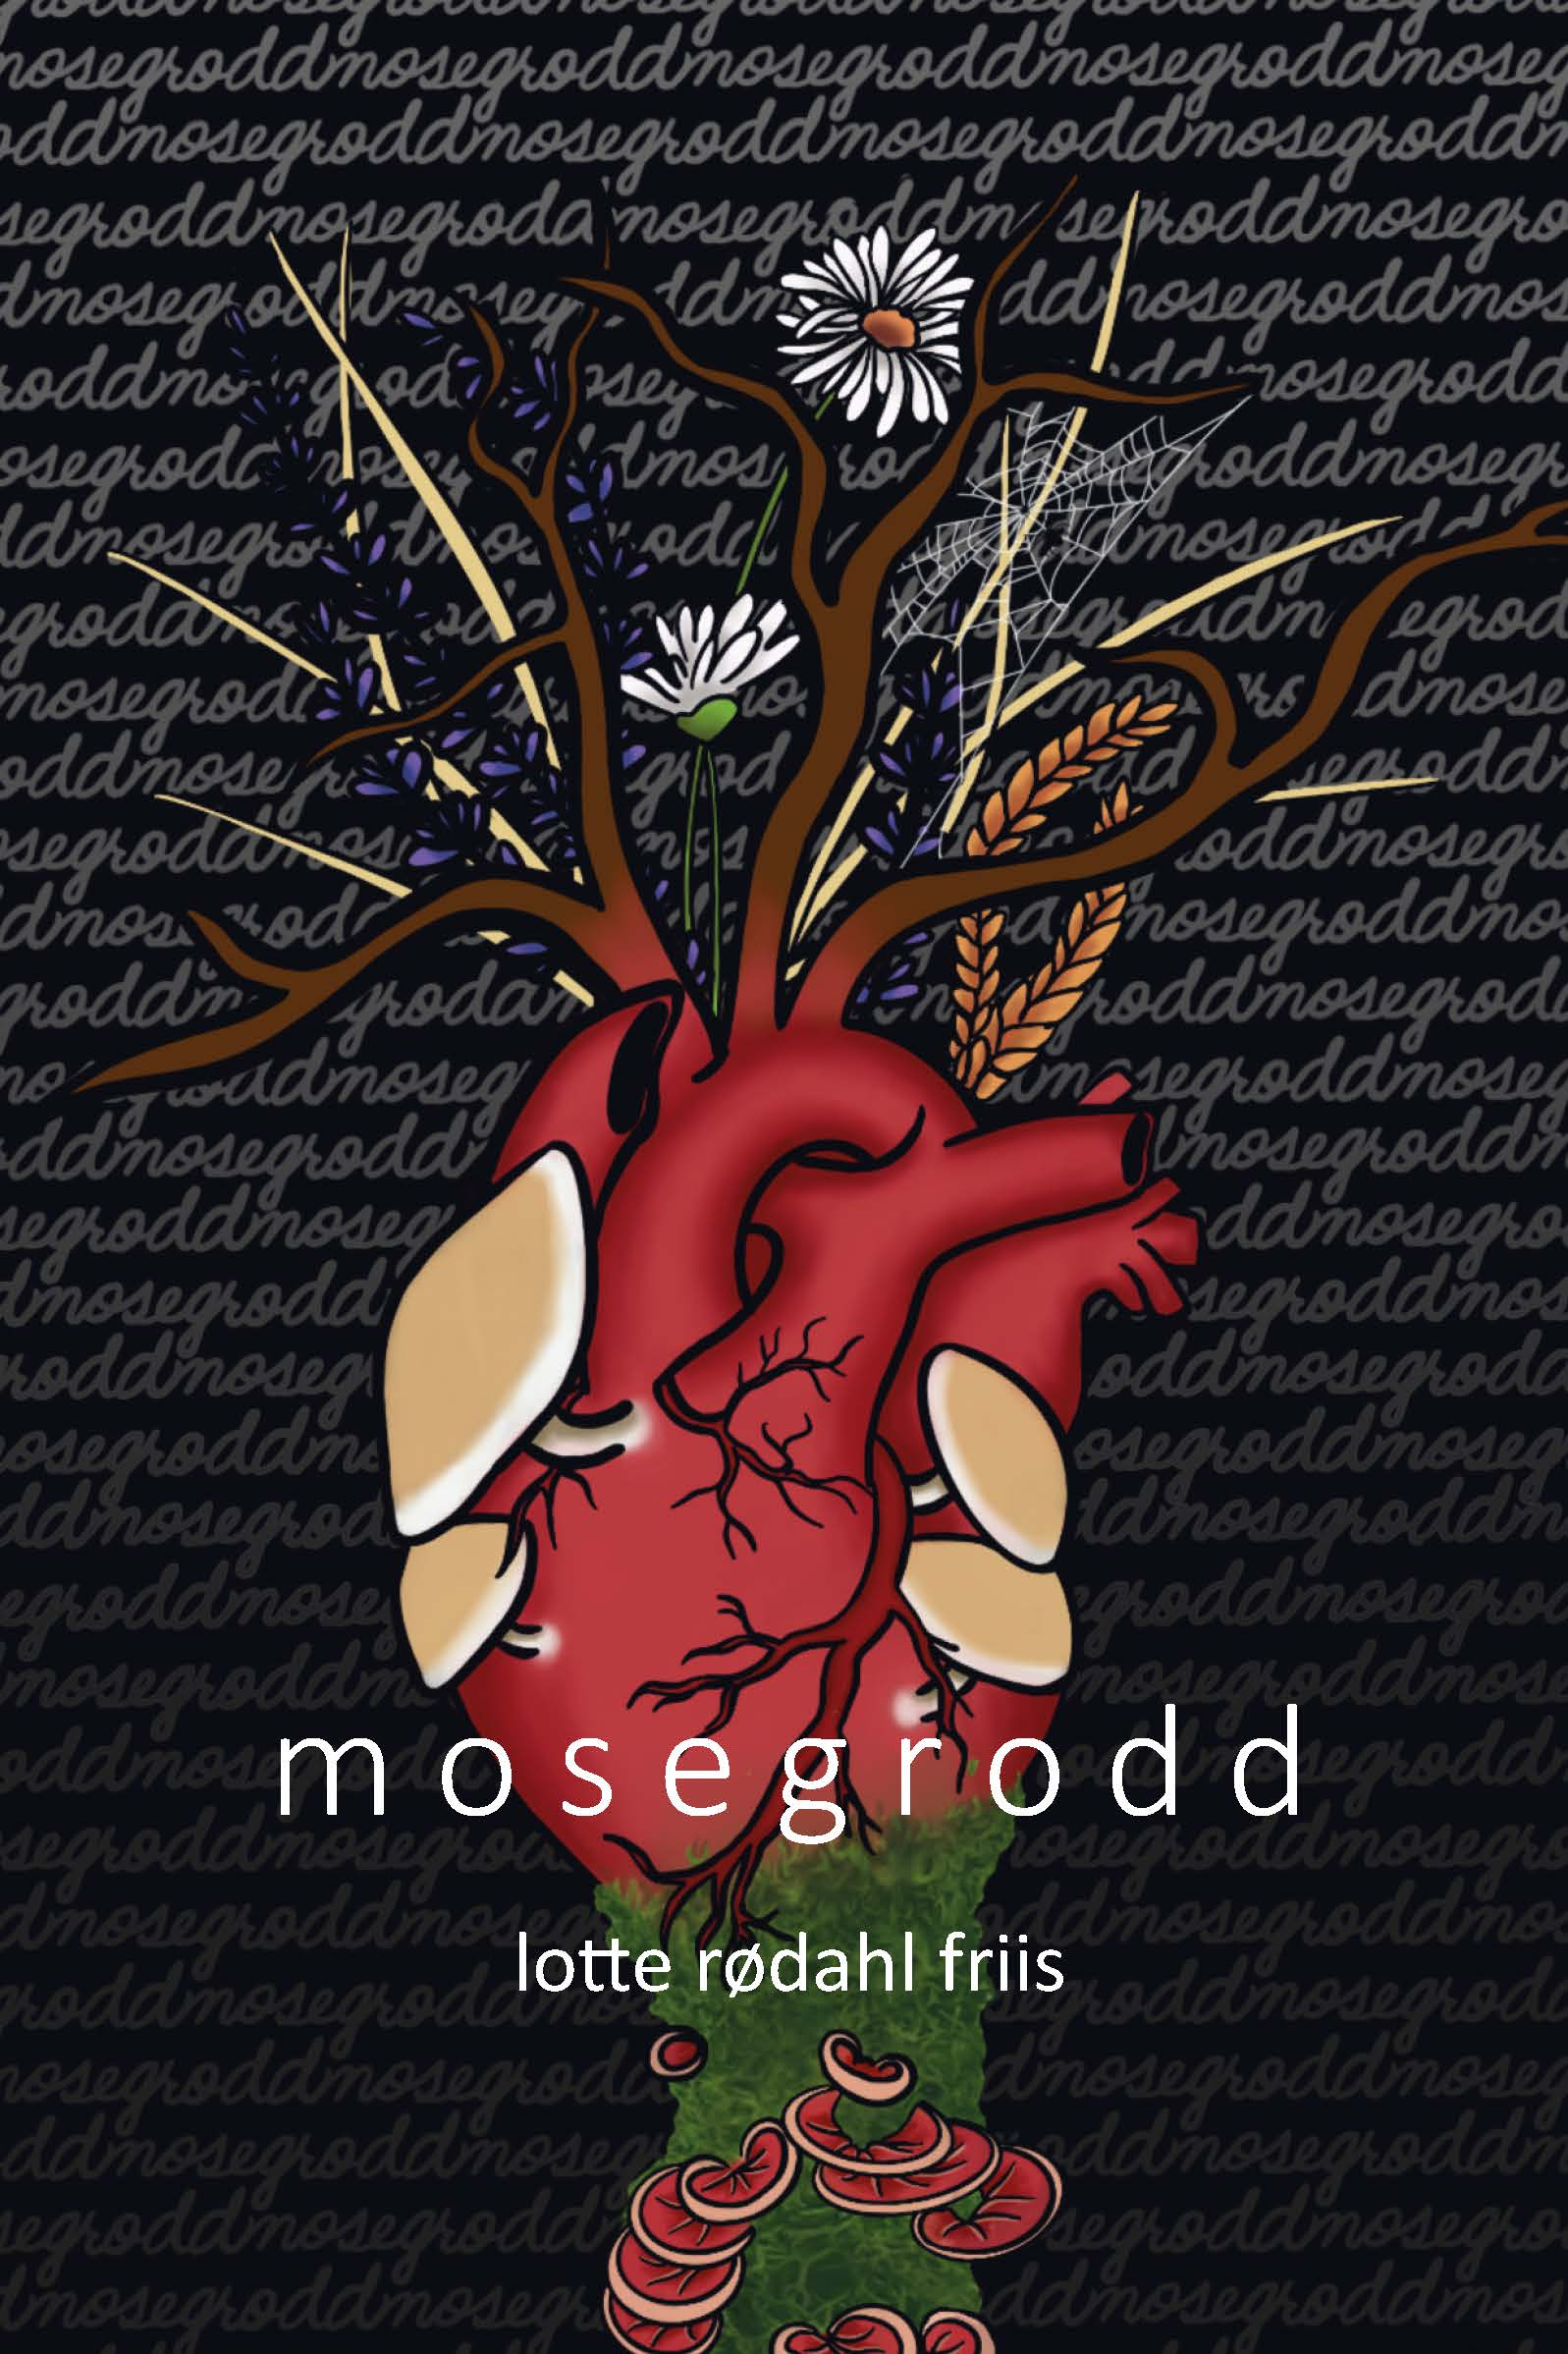 Mosegrodd